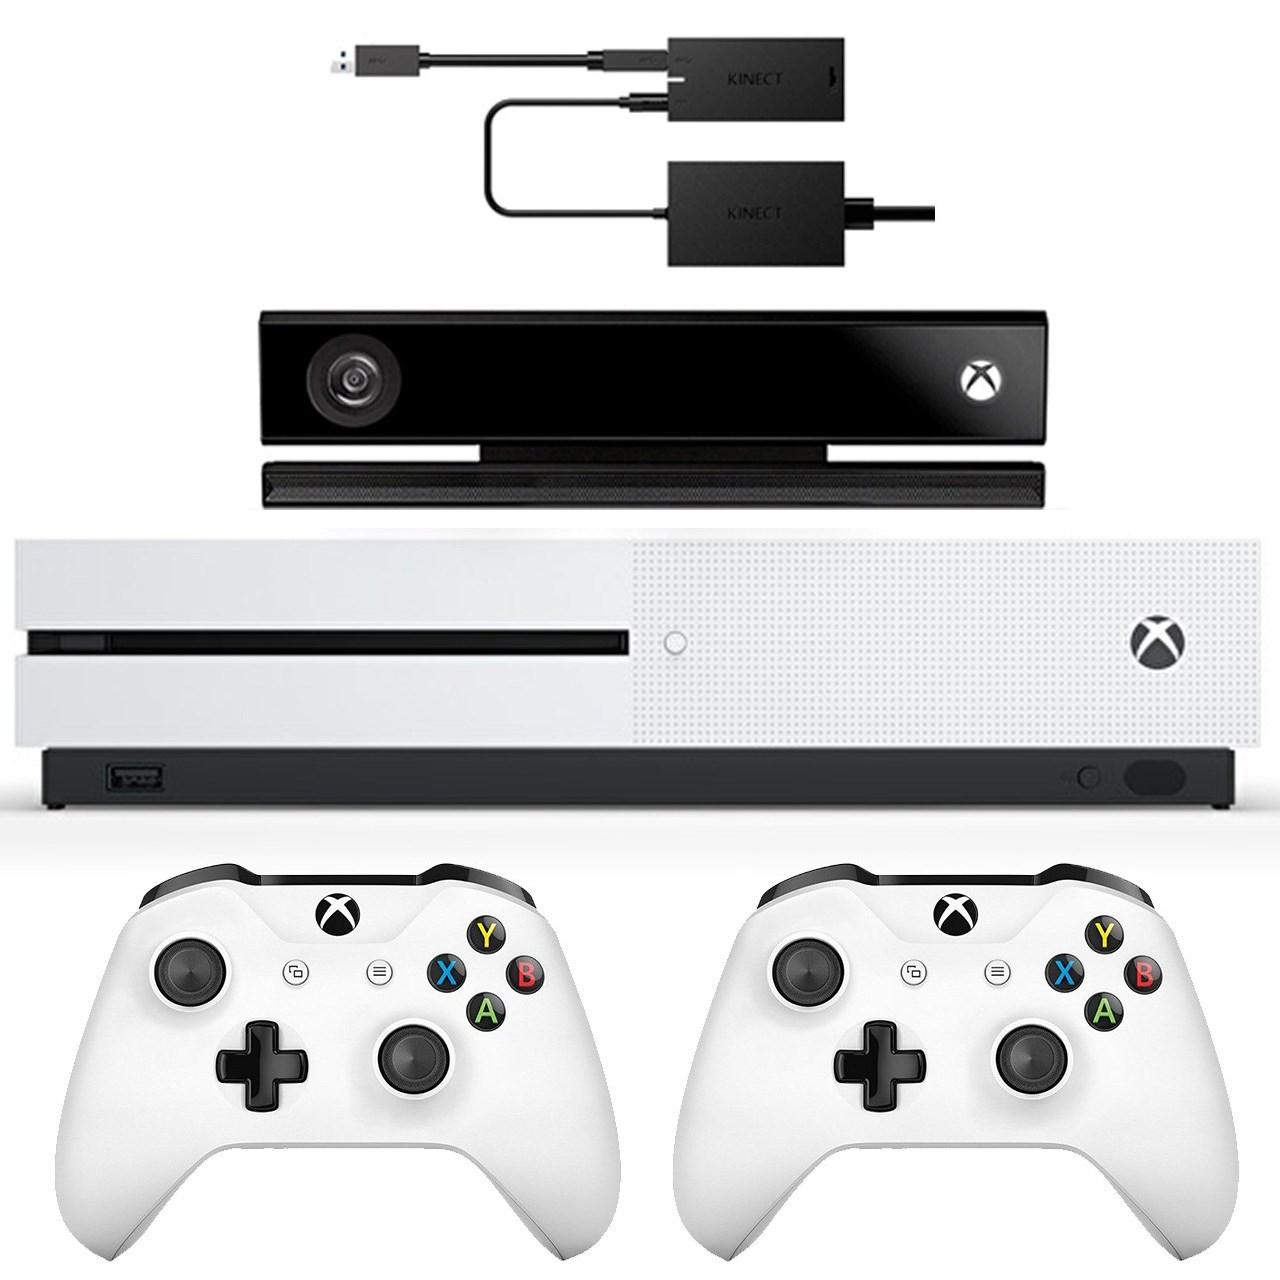 مجموعه کنسول بازی مایکروسافت مدل Xbox One S ظرفیت 1 ترابایت به همراه کینکت